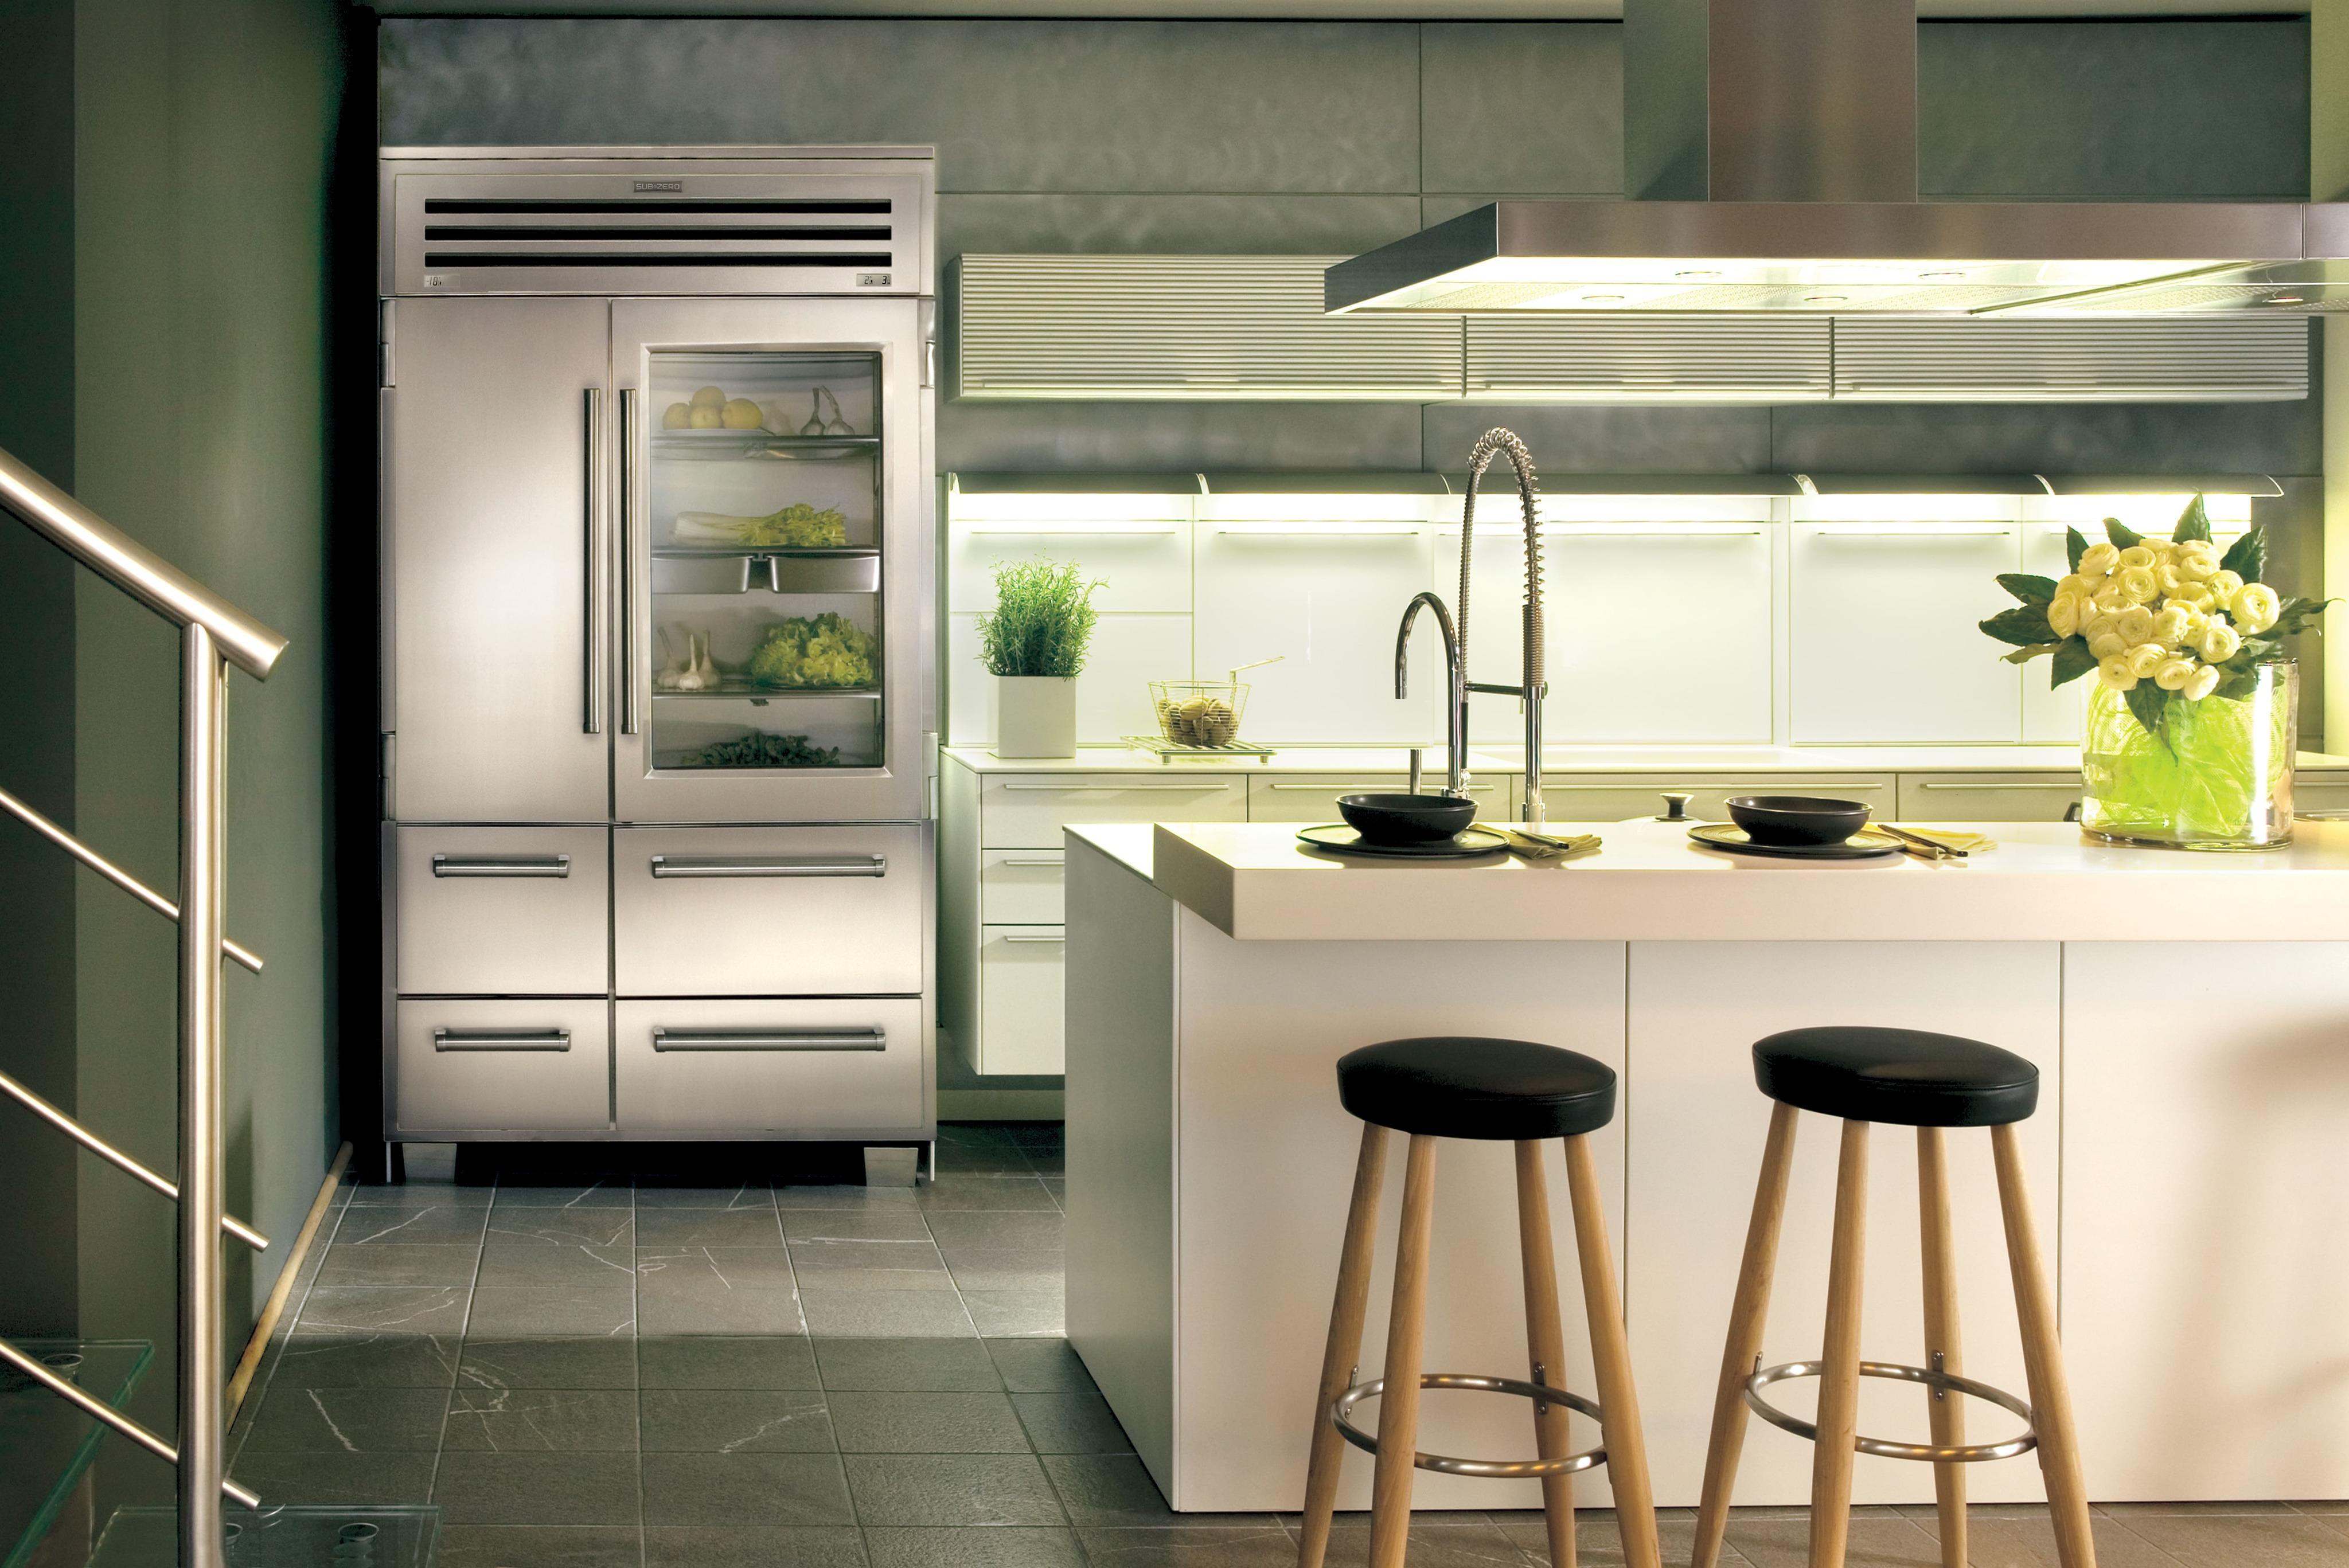 Smeg Kühlschrank Tür Geht Schwer Auf : Kühlschrank: einrichtungstipps und gestaltungsideen!